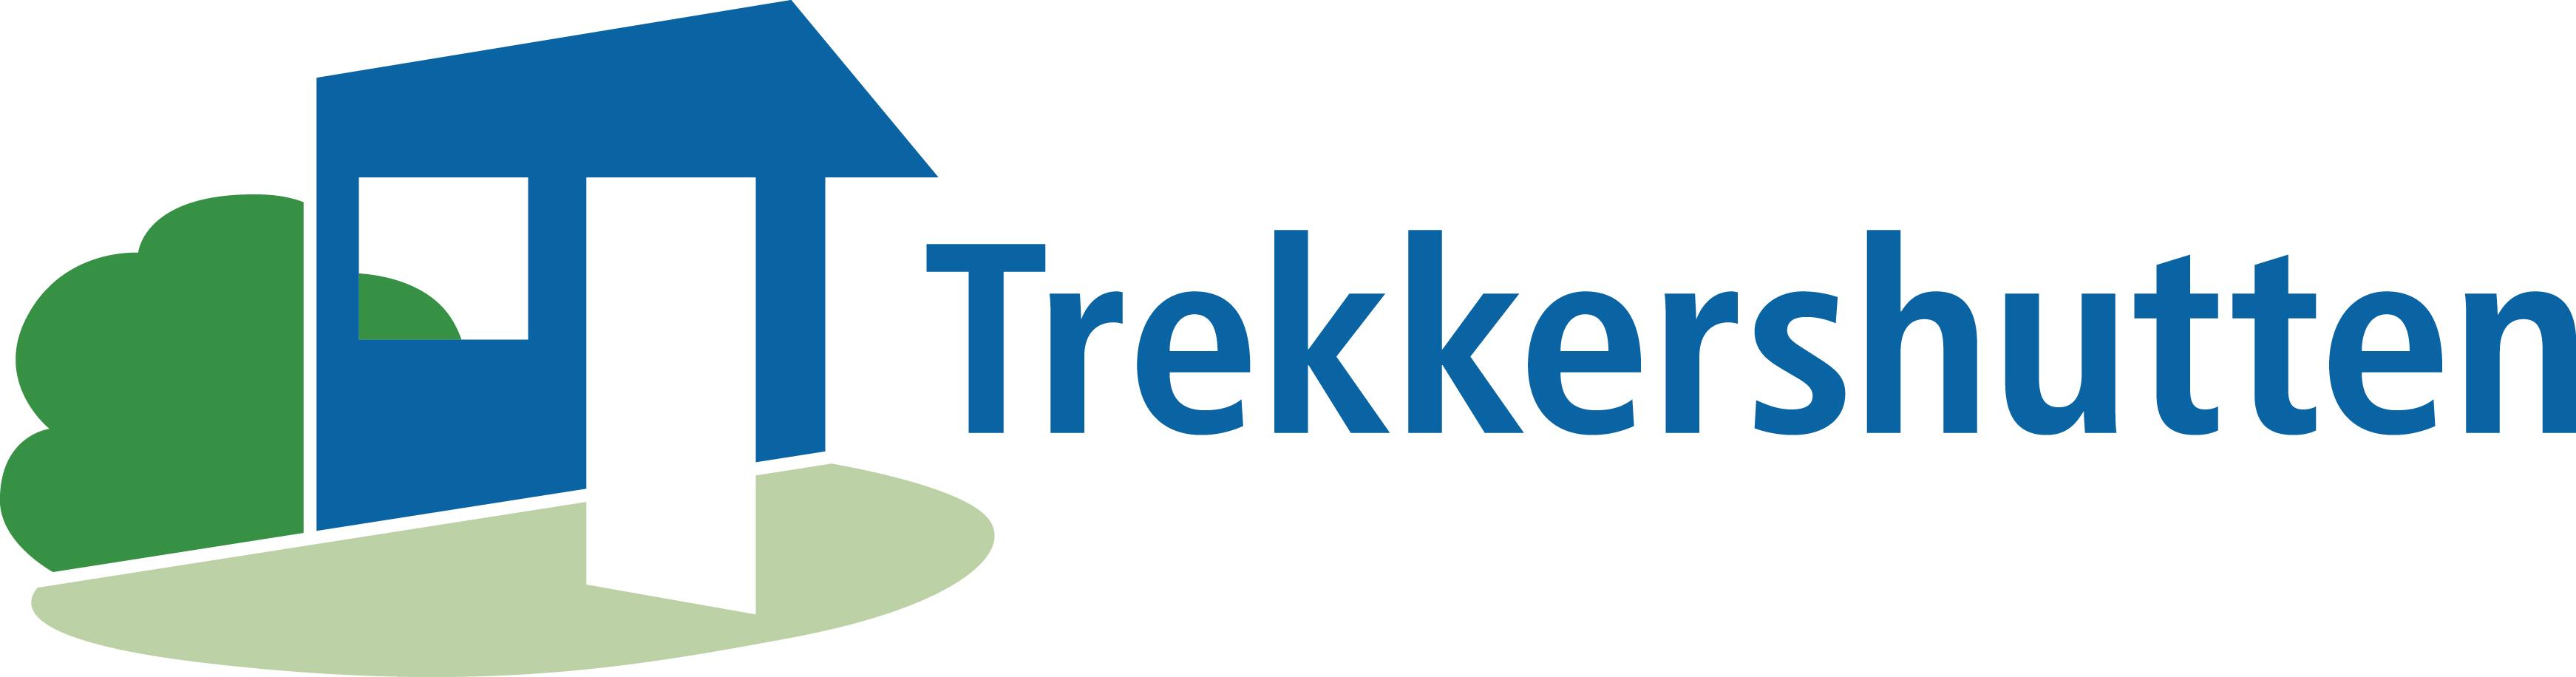 logo trekkershutten website